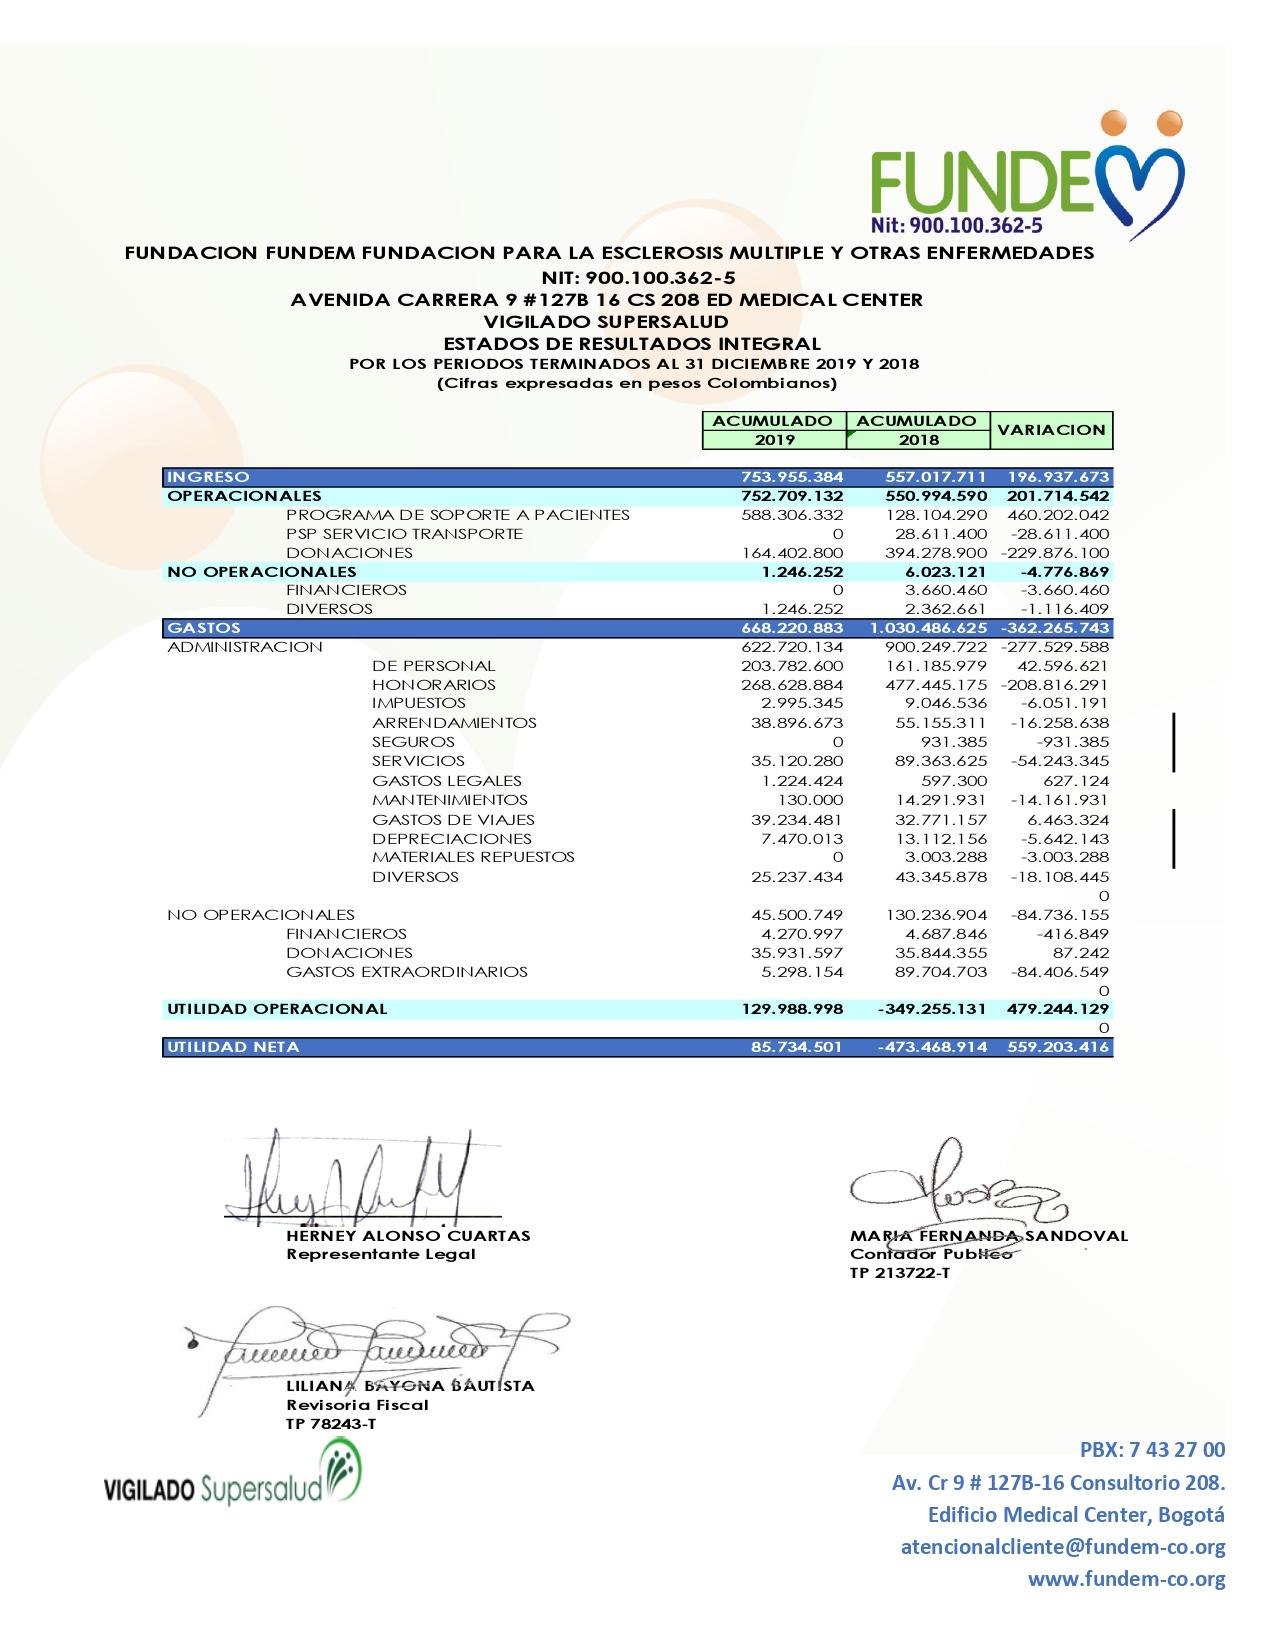 ESTADOS FINANCIEROS FUNDACION FUNDEM_page-0003